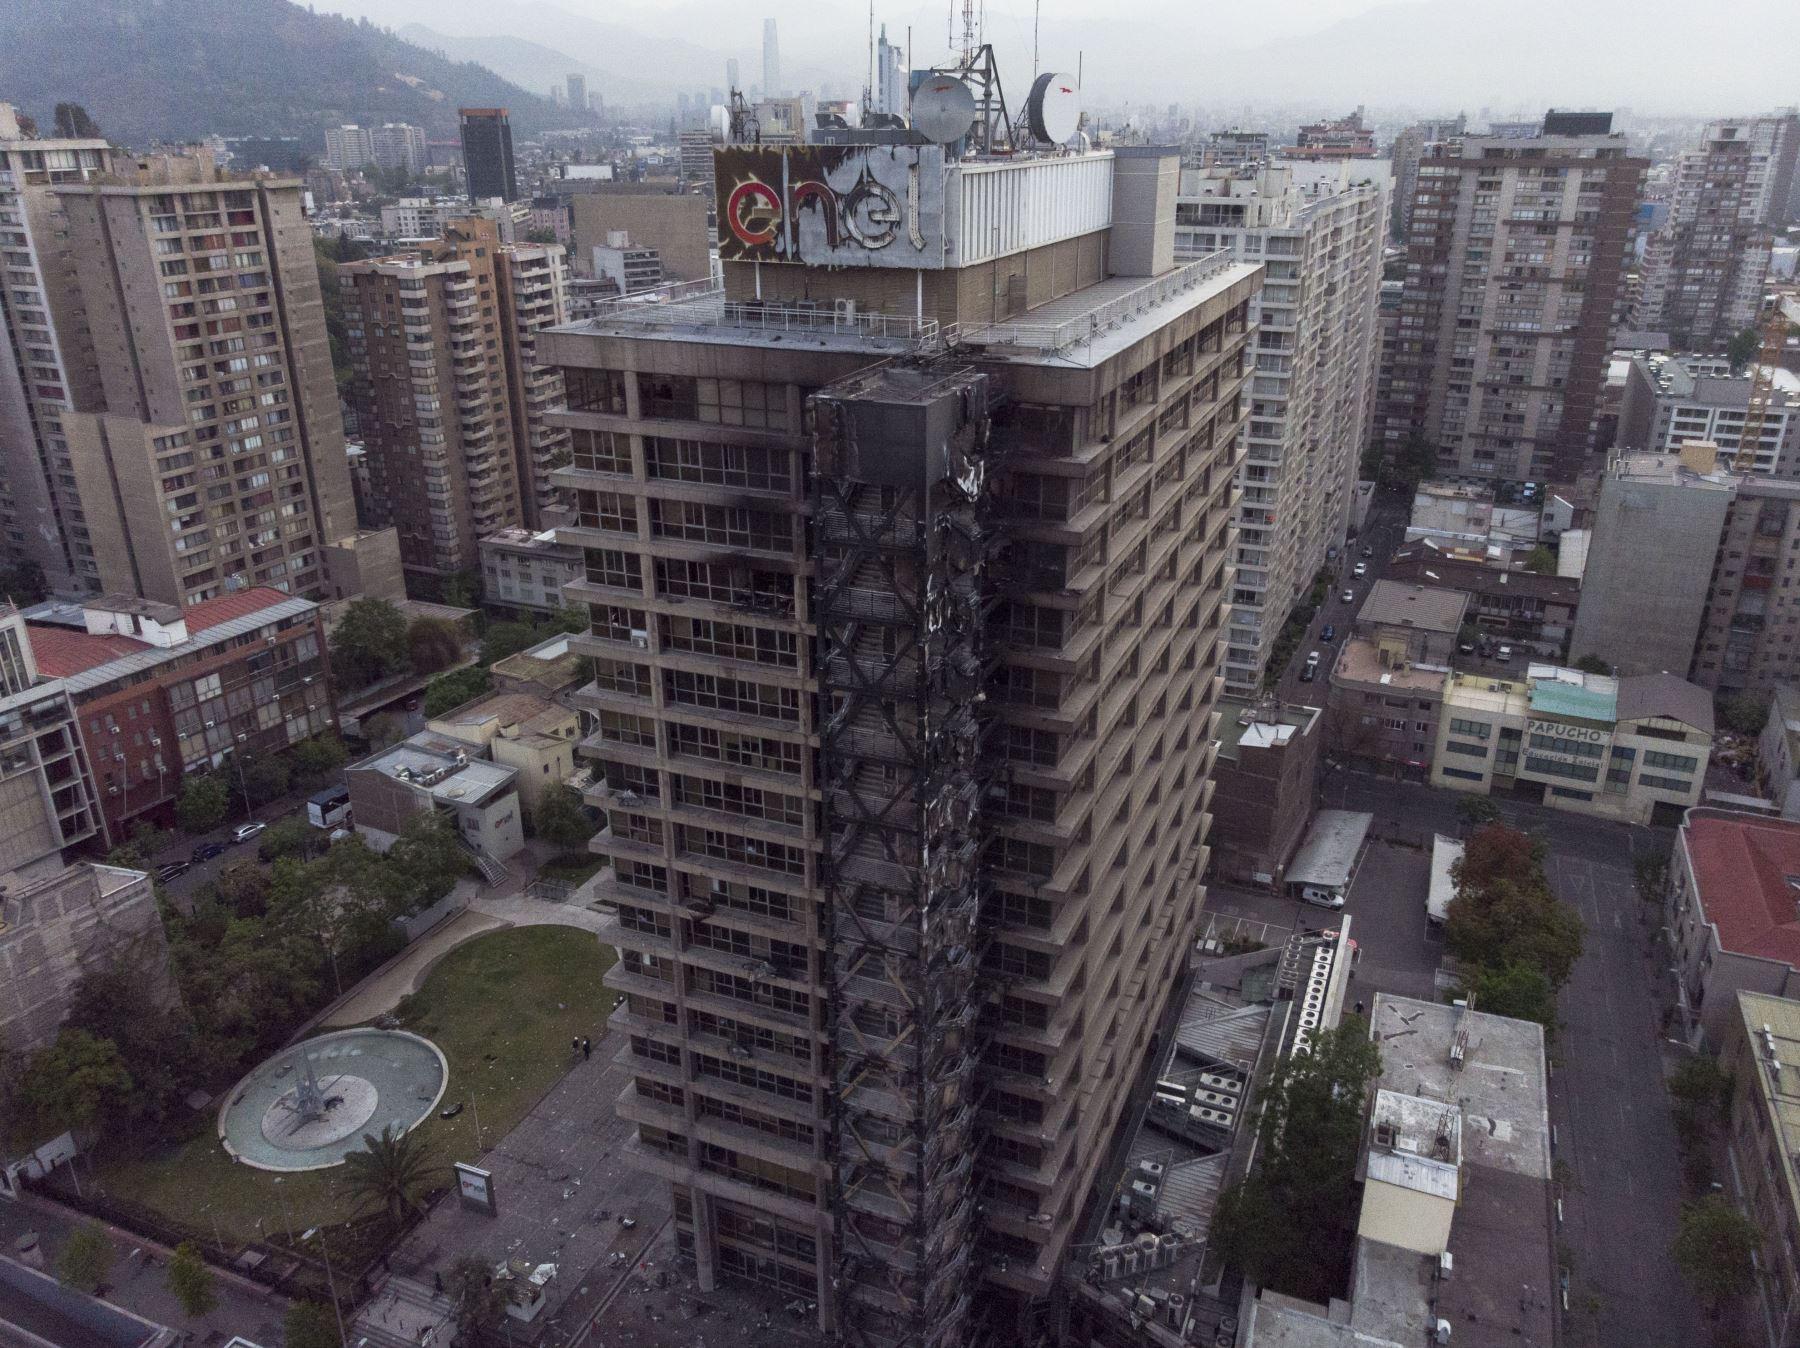 Enel Chile informó que un grupo de desconocidos atacó su edificio corporativo en Santiago, en medio de las protestas por alza de tarifa del Metro. Foto: AFP